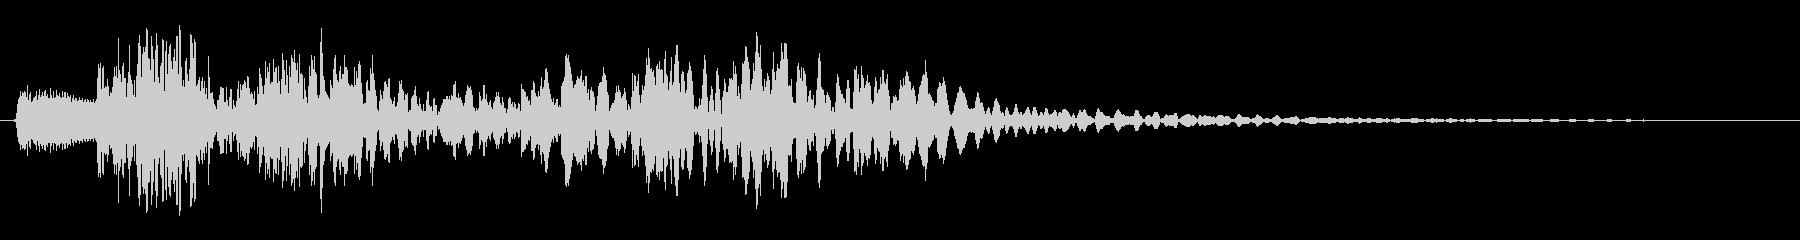 ピロンピロリン (コミカルなピアノ音)の未再生の波形